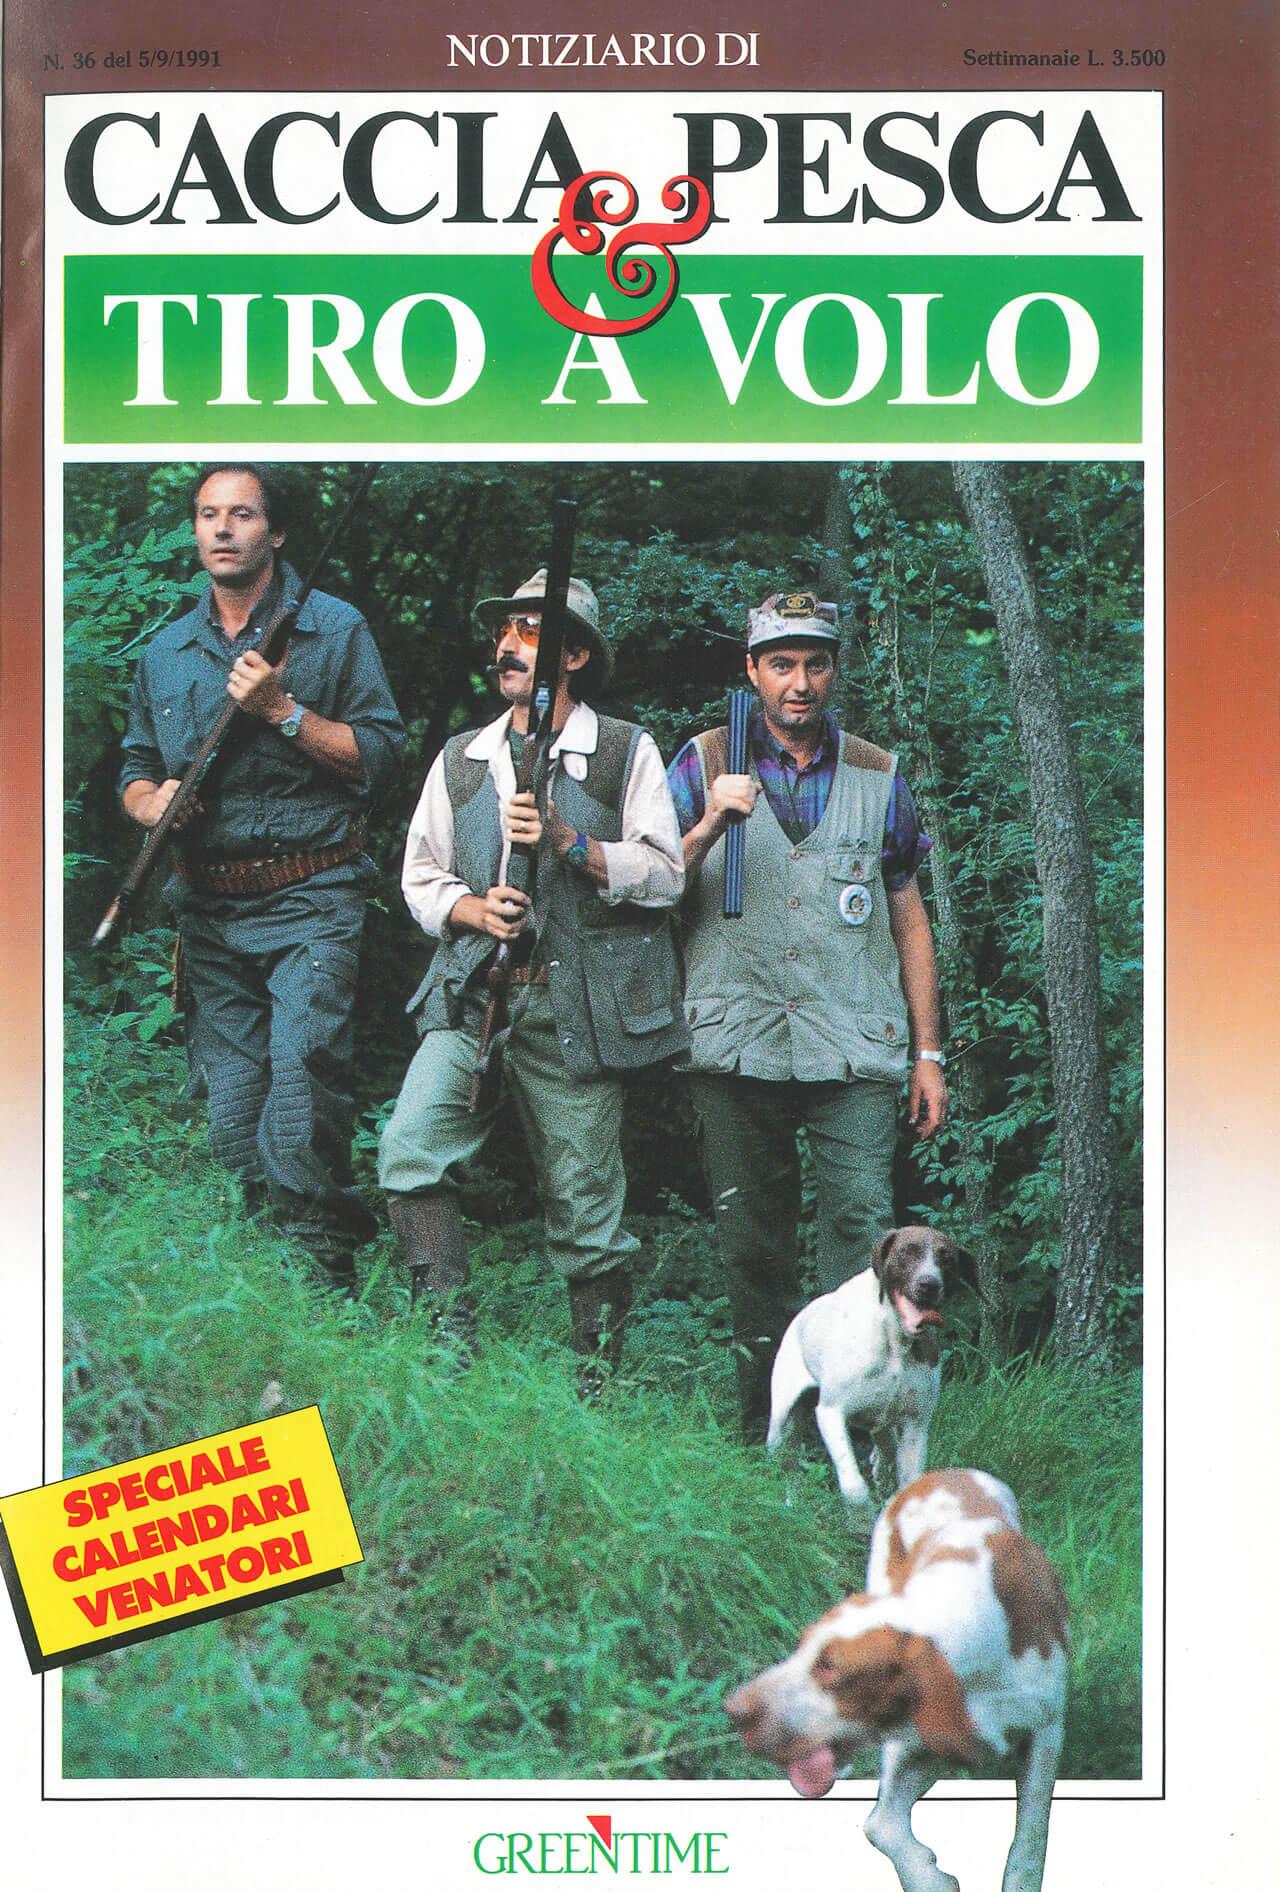 1991 Caccia&Pesca Tiro a Volo numero 36